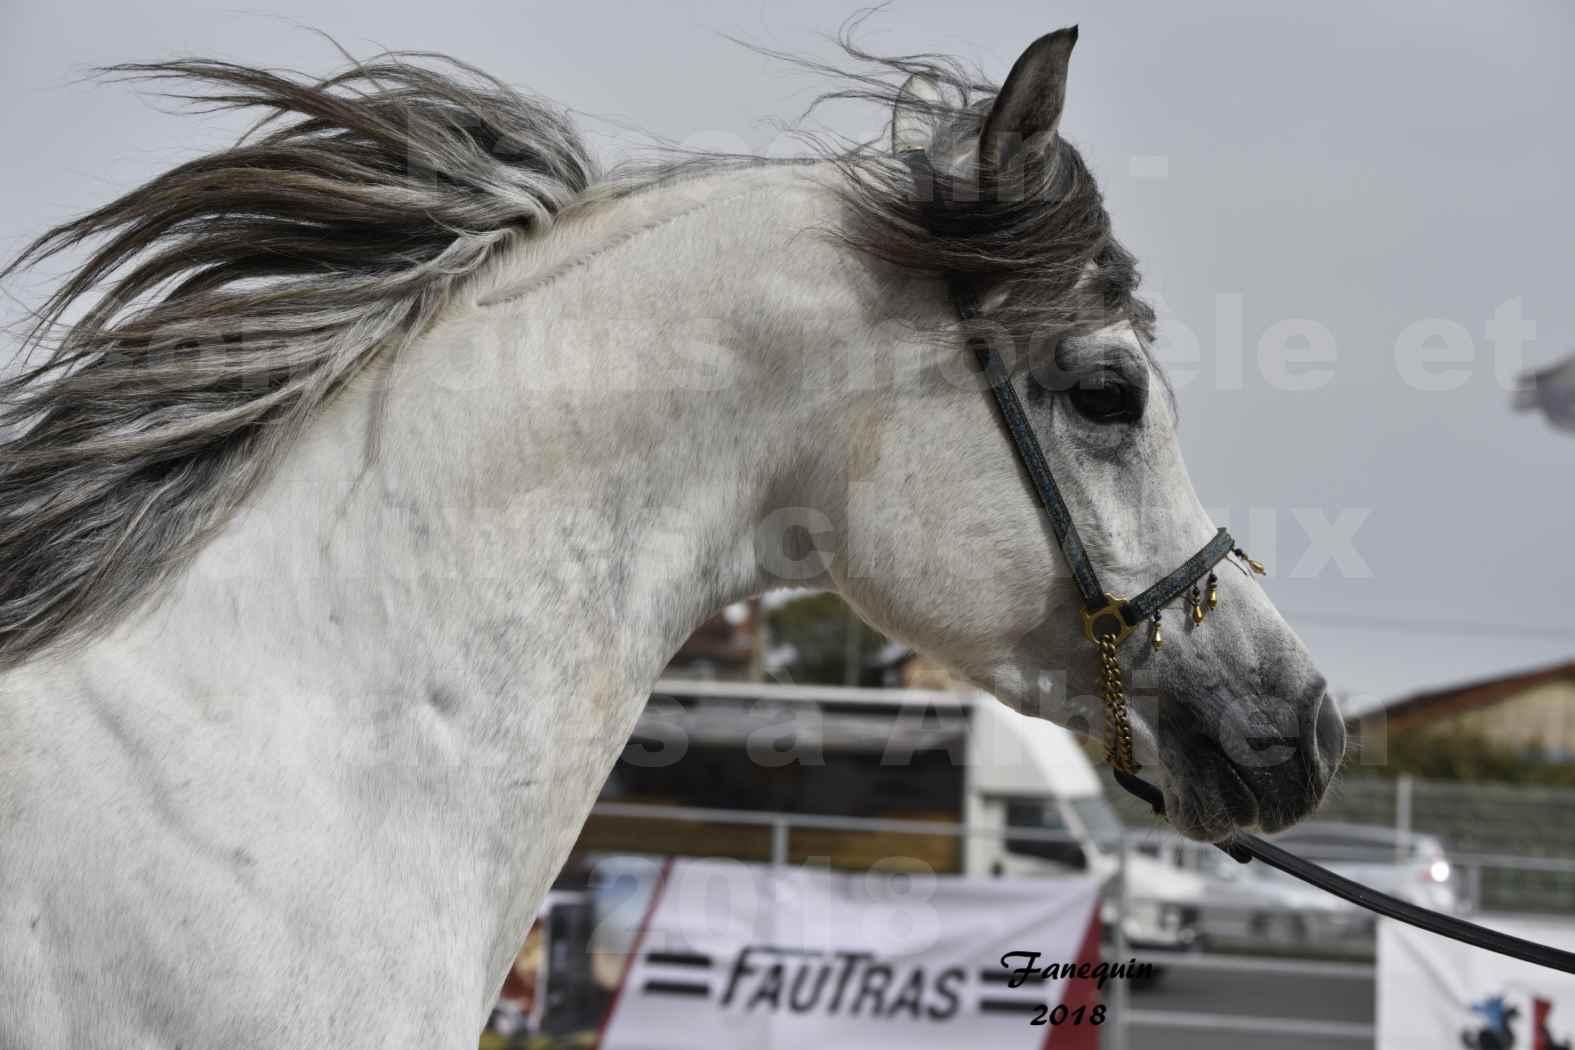 Concours d'élevage de Chevaux Arabes - D. S. A. - A . A - ALBI les 6 & 7 Avril 2018 - FADI ALBIDAYER - Portraits - 02